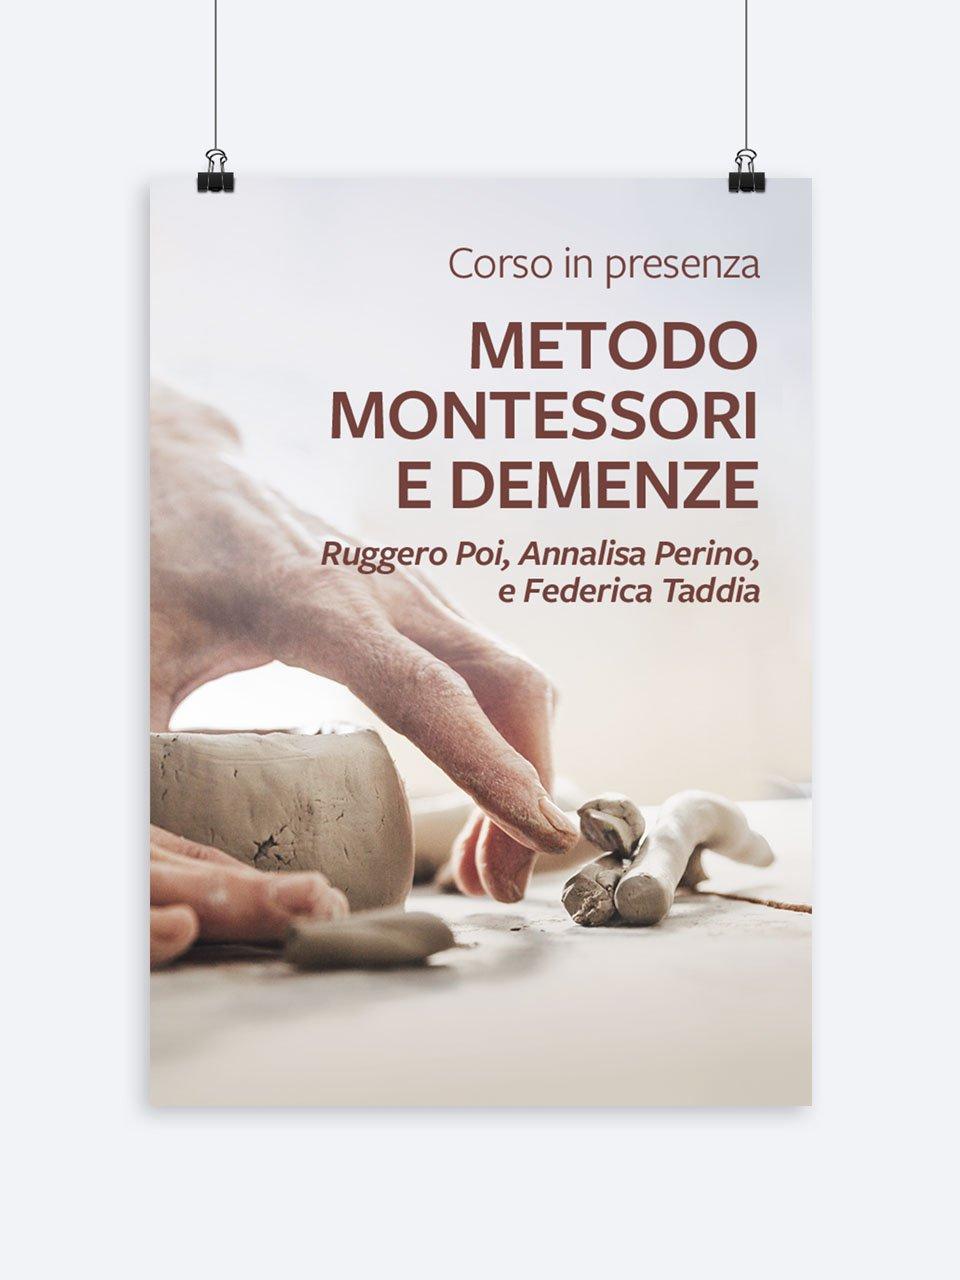 Metodo Montessori e demenze - Nove principi per assistere gli anziani - Erickson